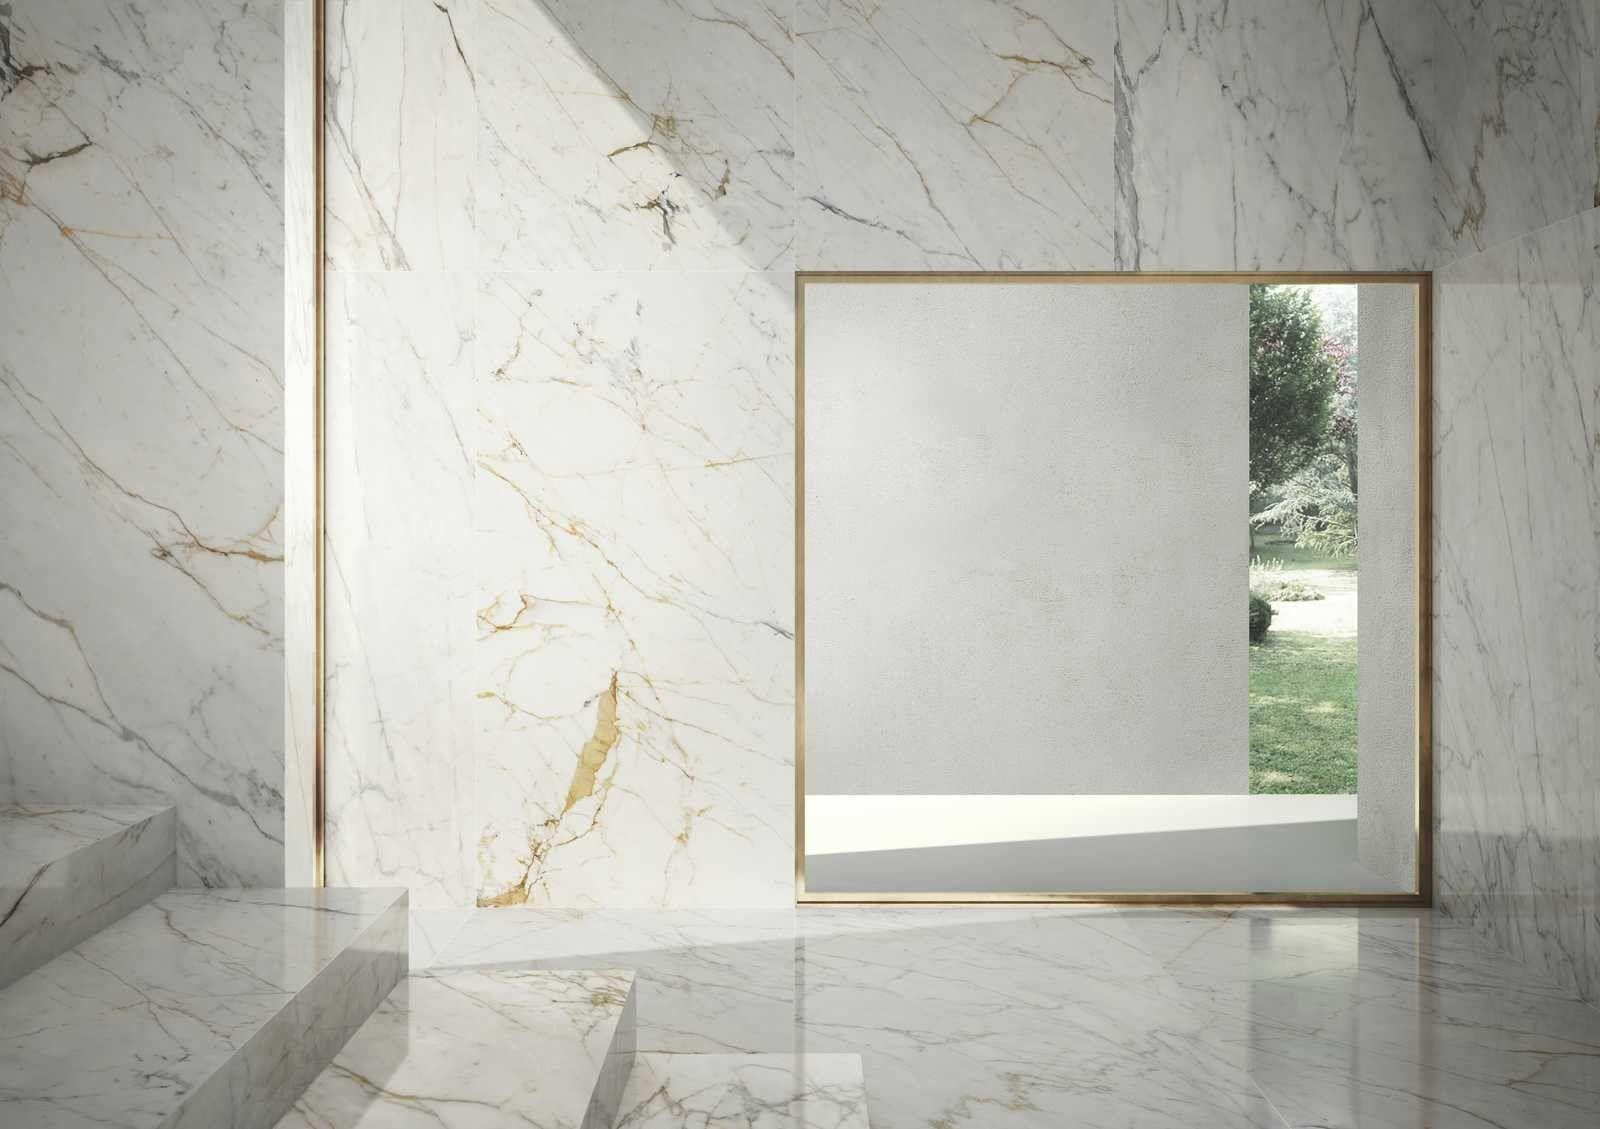 Epingle Par Luan Sur Decoration En 2020 Avec Images Carrelage